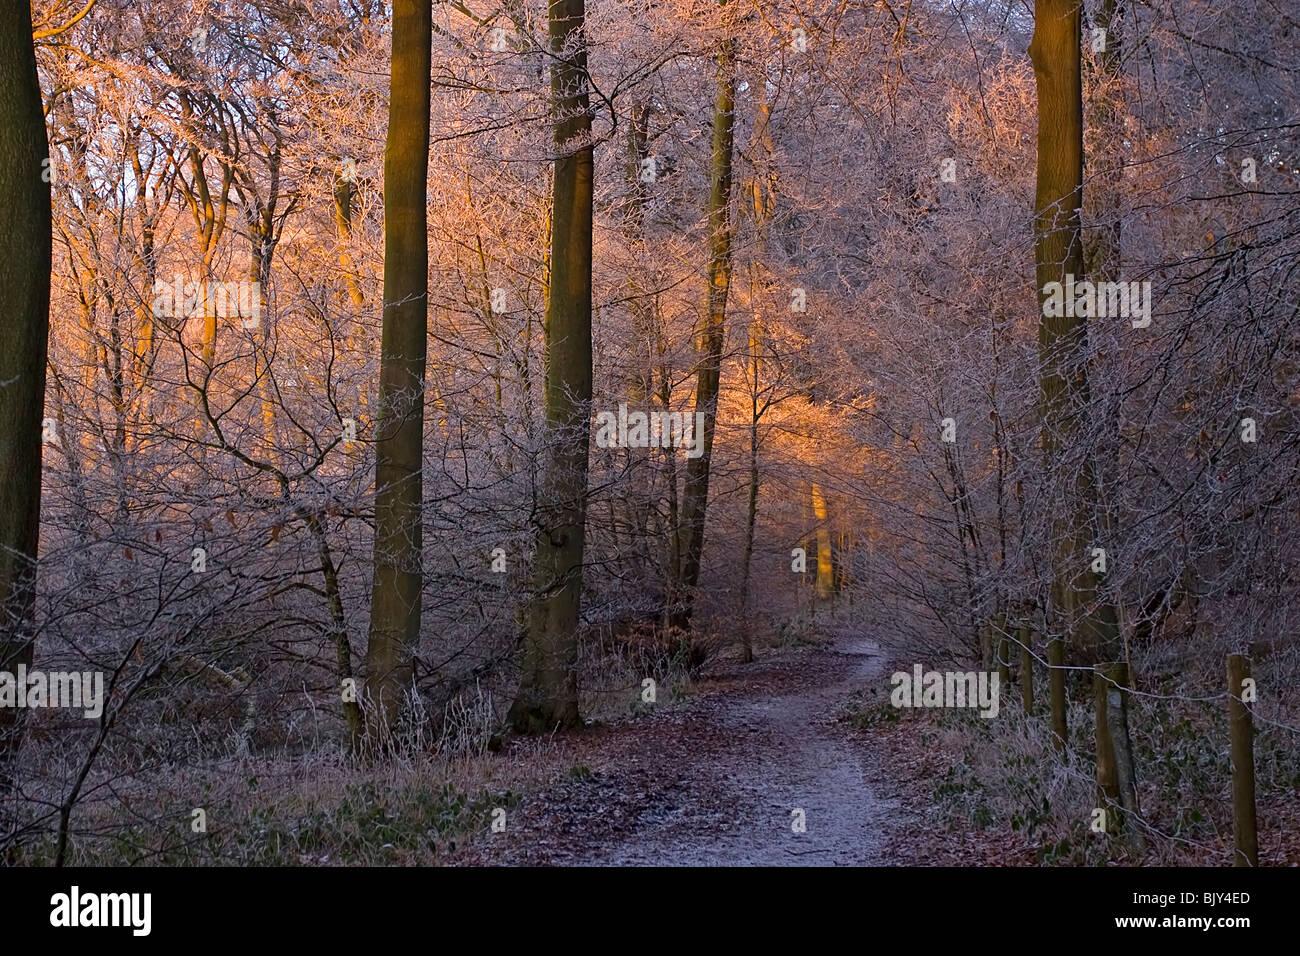 Chilterns frost freddo inverno gelido percorso a piedi boschi Buckinghamshire Immagini Stock